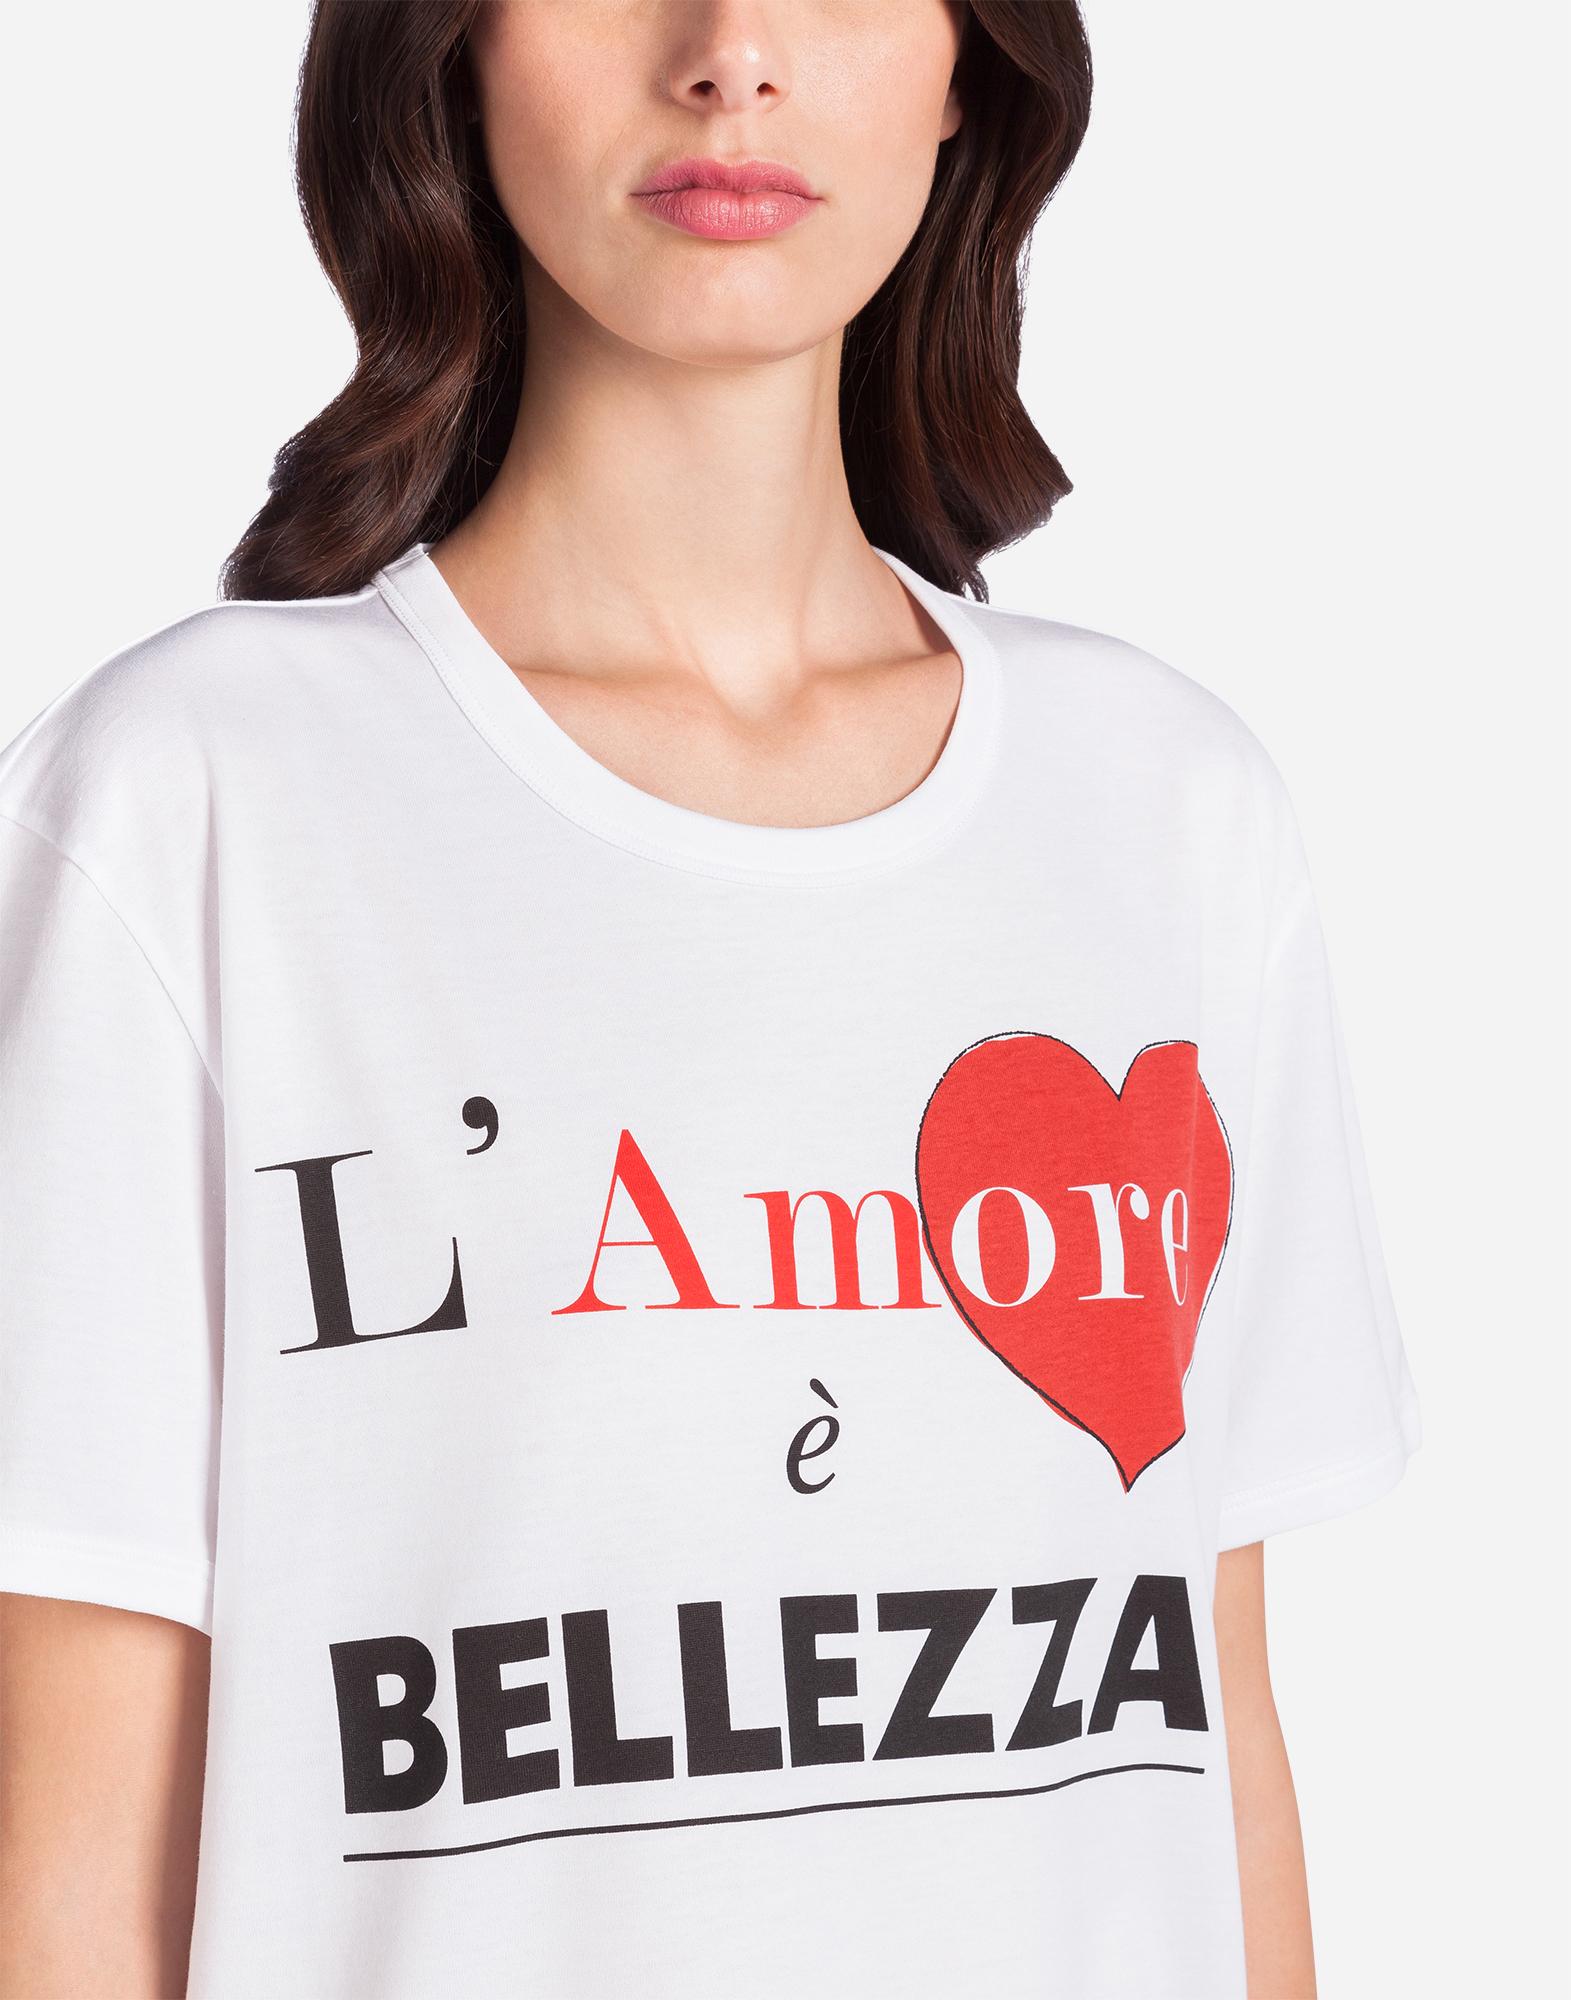 Dolce&Gabbana L'AMORE È BELLEZZA T-SHIRT